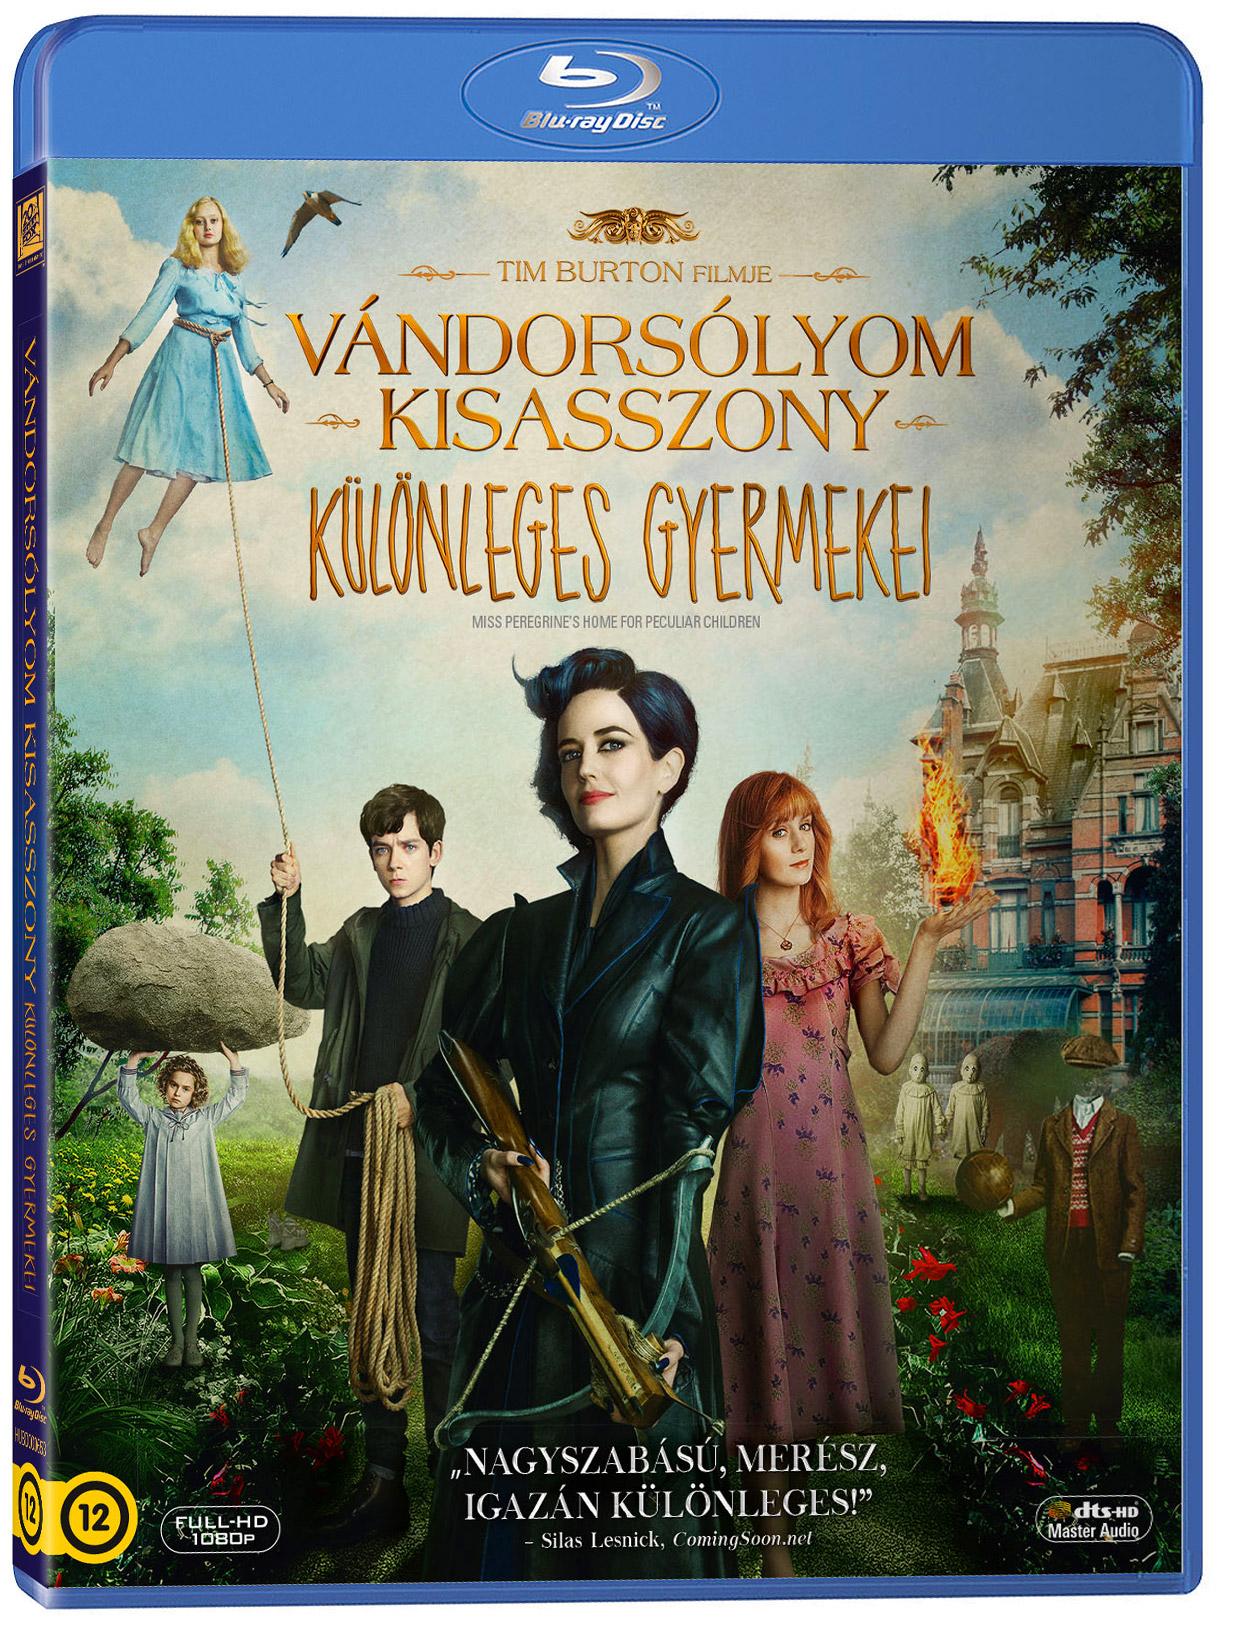 Vándorsólyom kisasszony különleges gyermekei Blu-ray